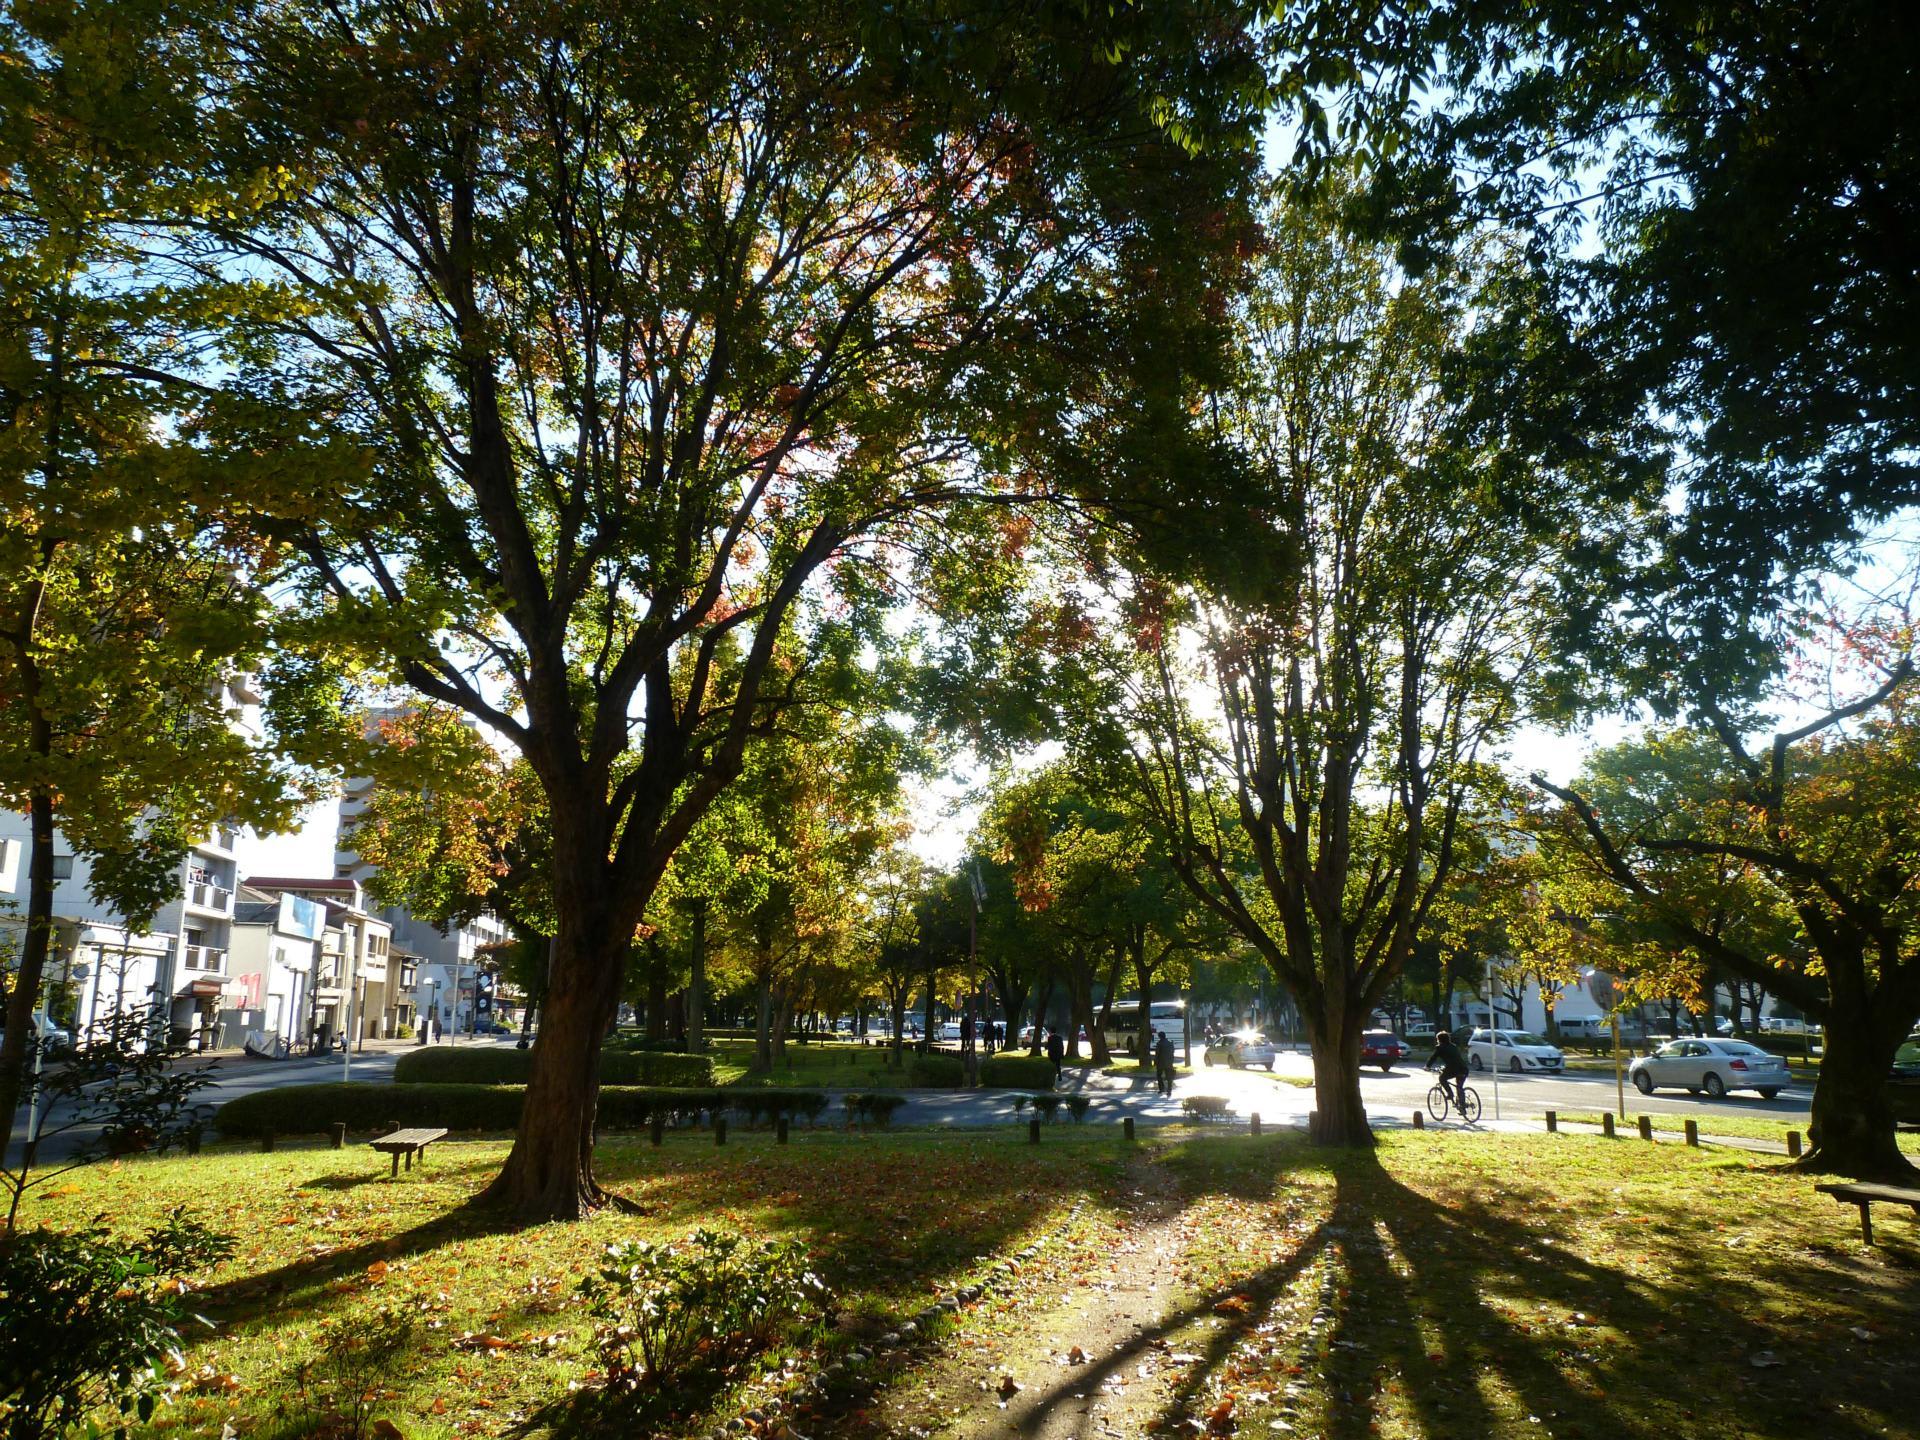 ようやく紅葉が始まった平和大通り! - ふるさとの山歩き、樹木、カメラ、家庭菜園の日記